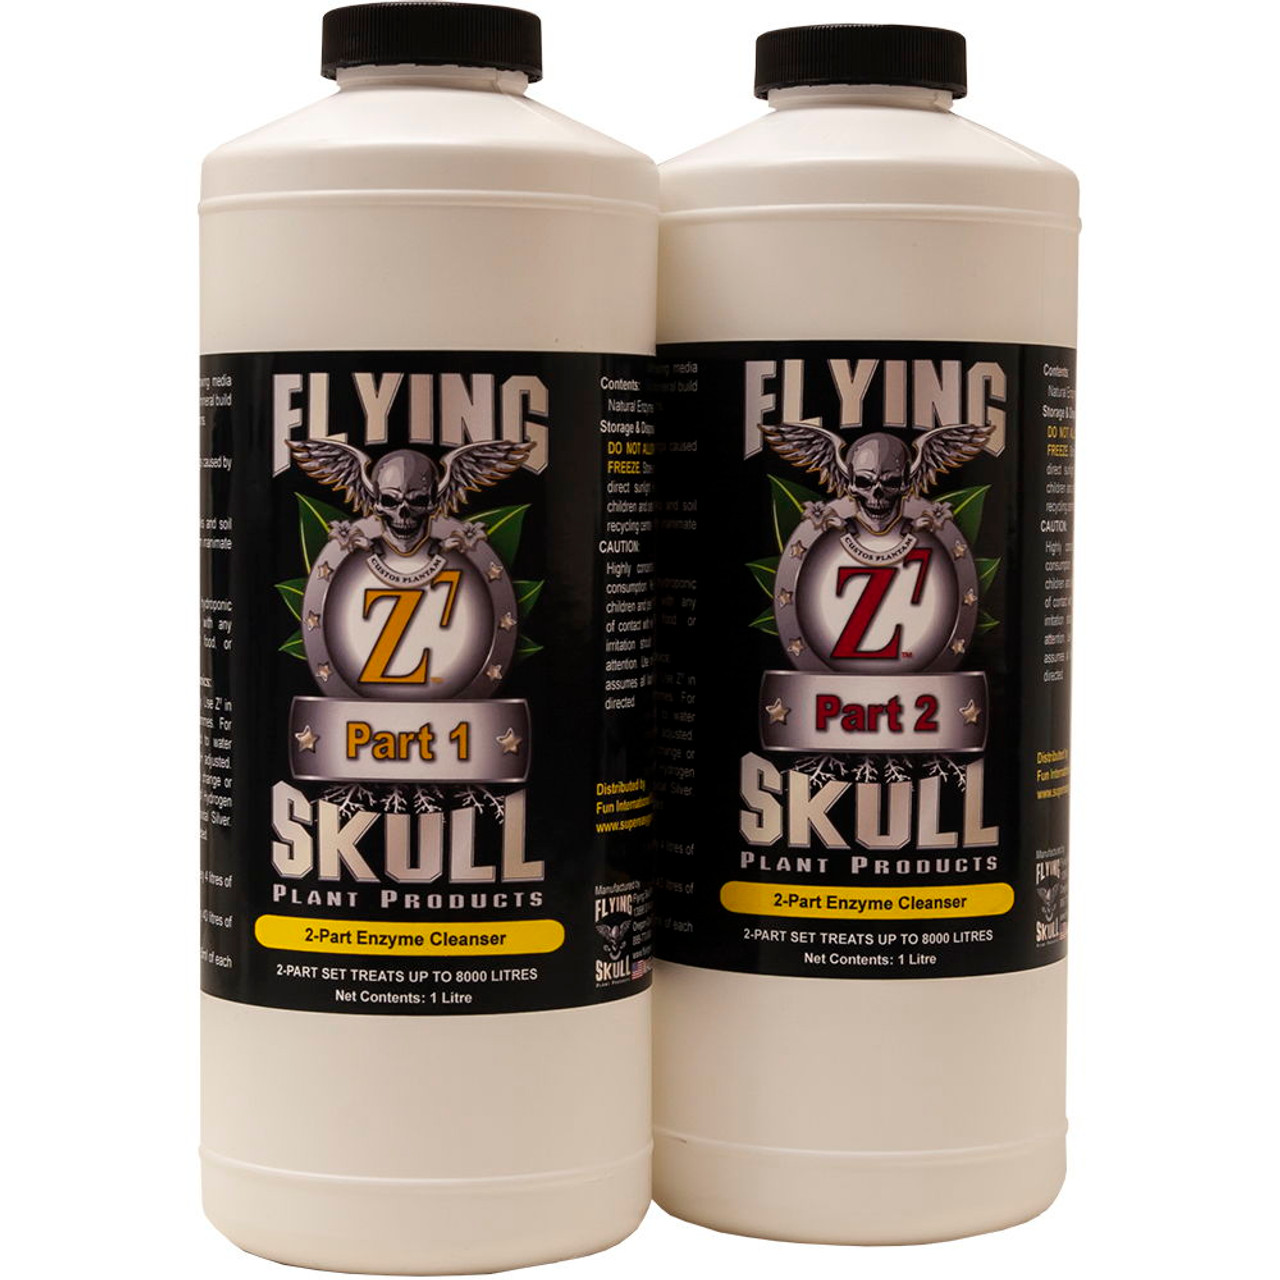 Flying SKull Z7 Enzyme Cleanser 1 litre Bottles Set